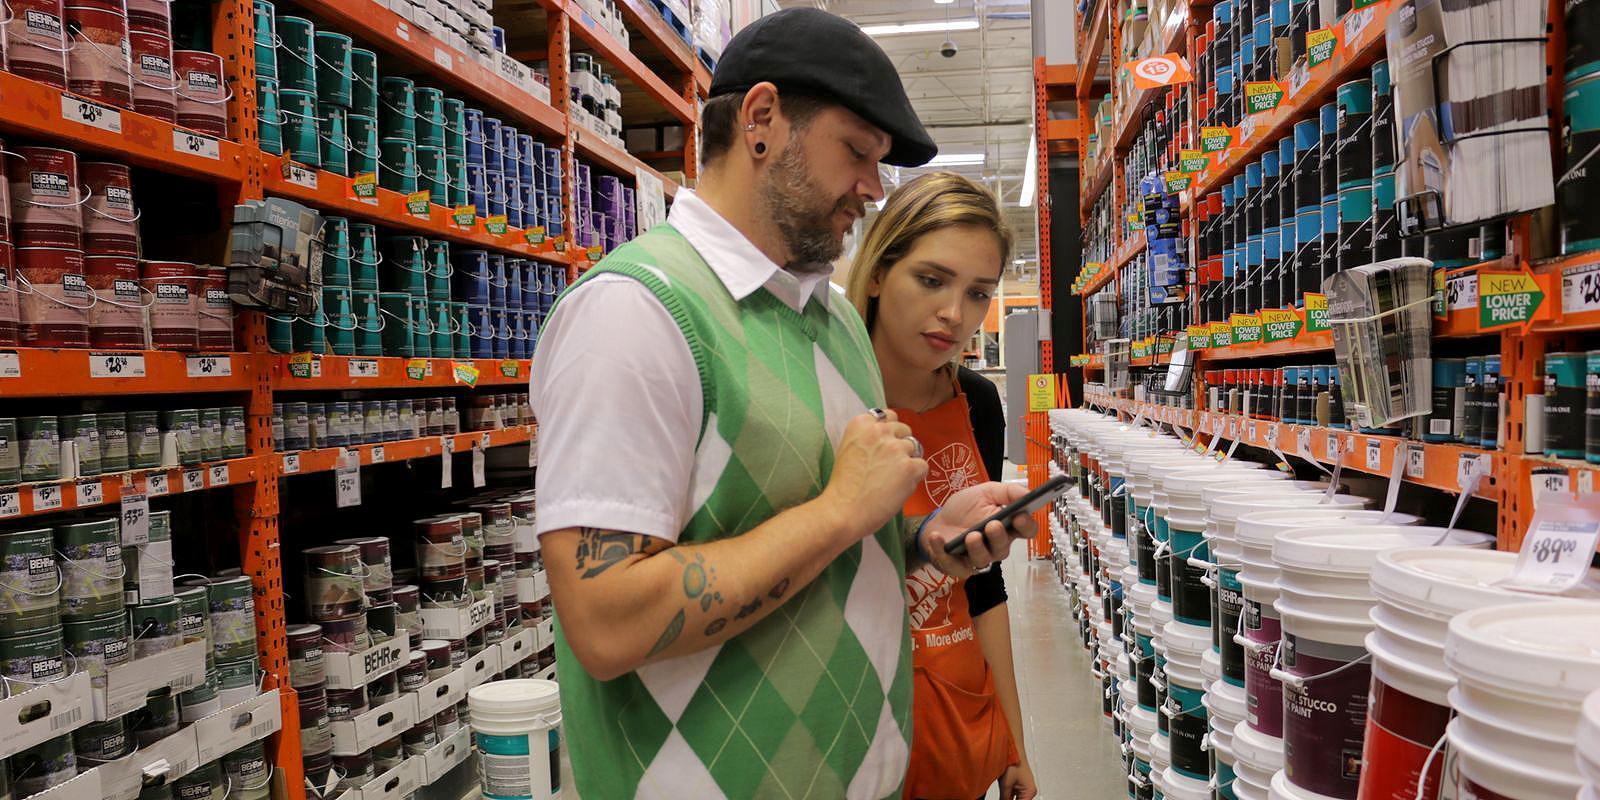 Wi-fi amplia oportunidades para que consumidor defina sua compra dentro da loja de materiais de construção. Crédito: Michael Kofsky/US Today